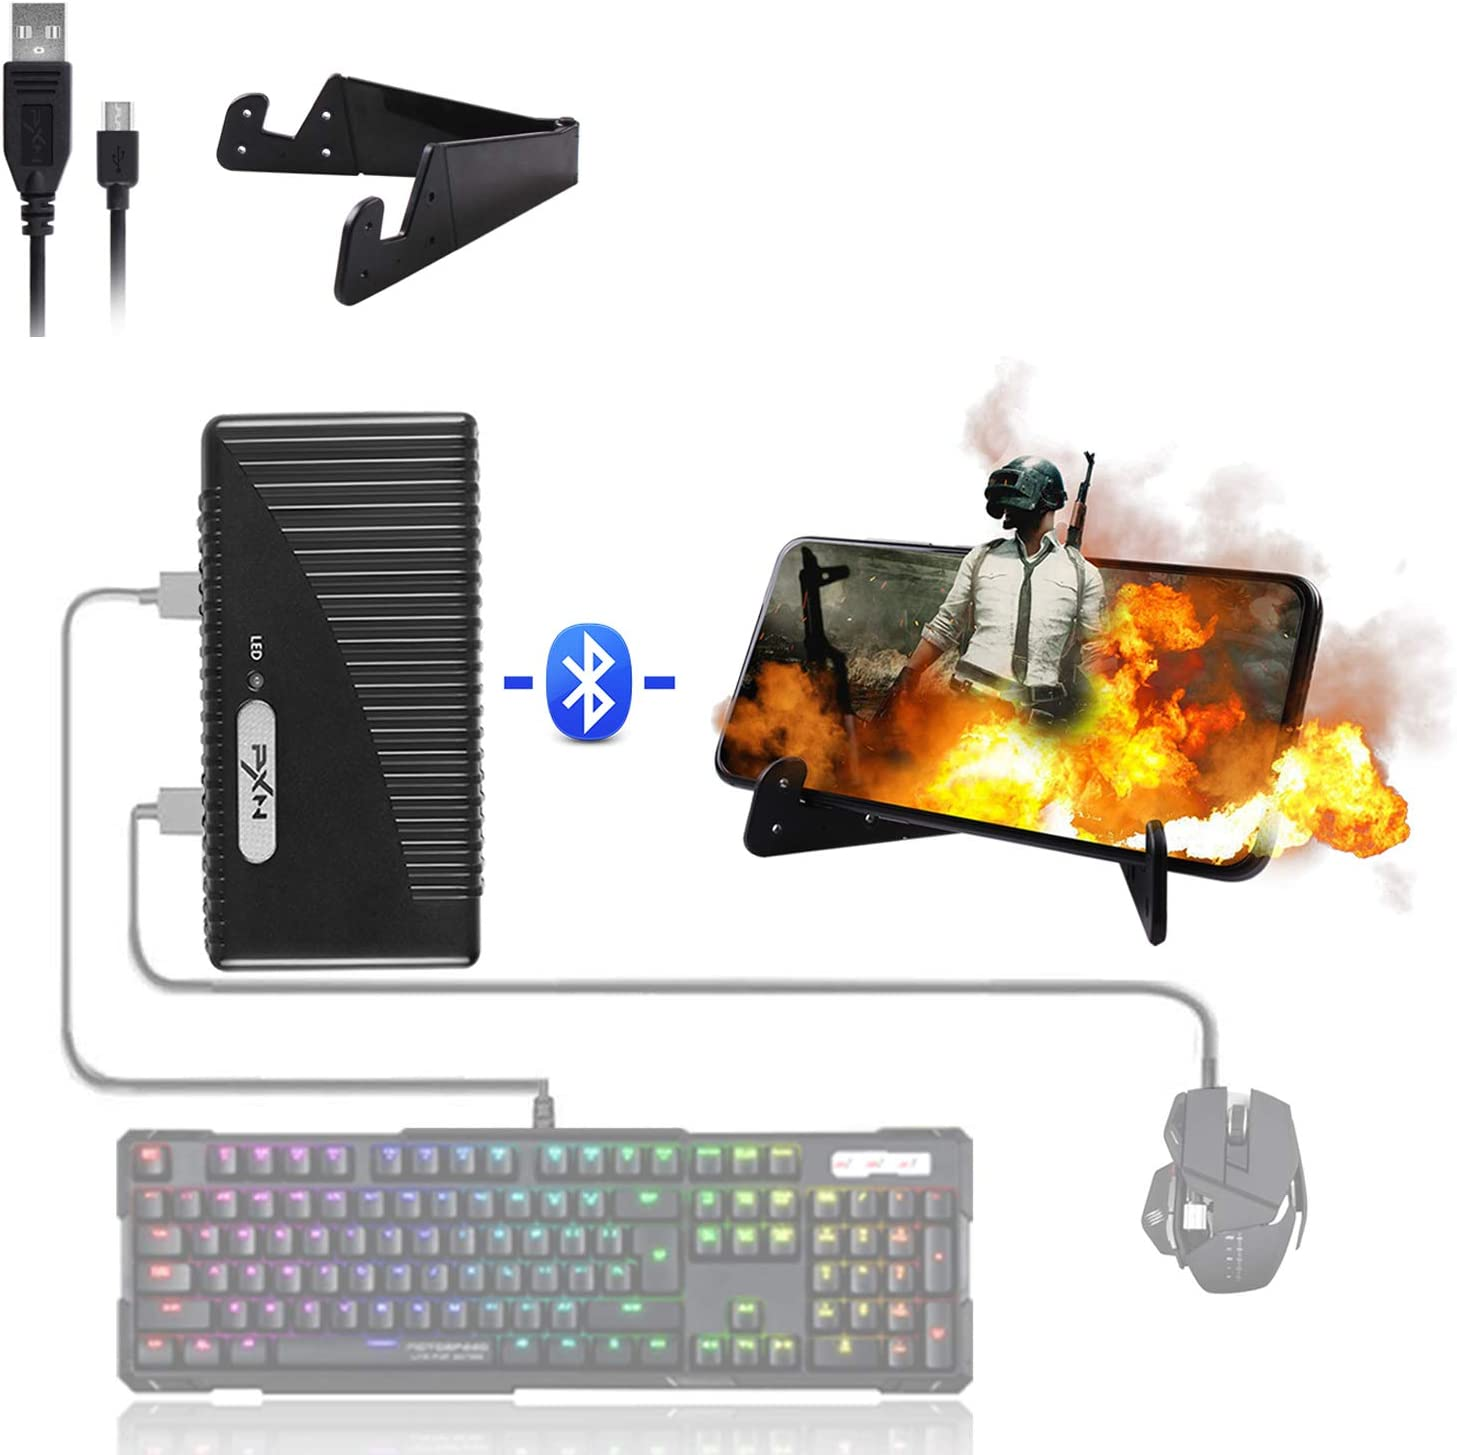 ATUTEN Juegos móviles Adaptador de Teclado y Mouse, Convertidor de Controlador de Juego Móvil USB PXN-K10 Conexiones Cableadas/Inalámbricas, para Android/iOS PUBG FPS COD Mobile Game Assistant.